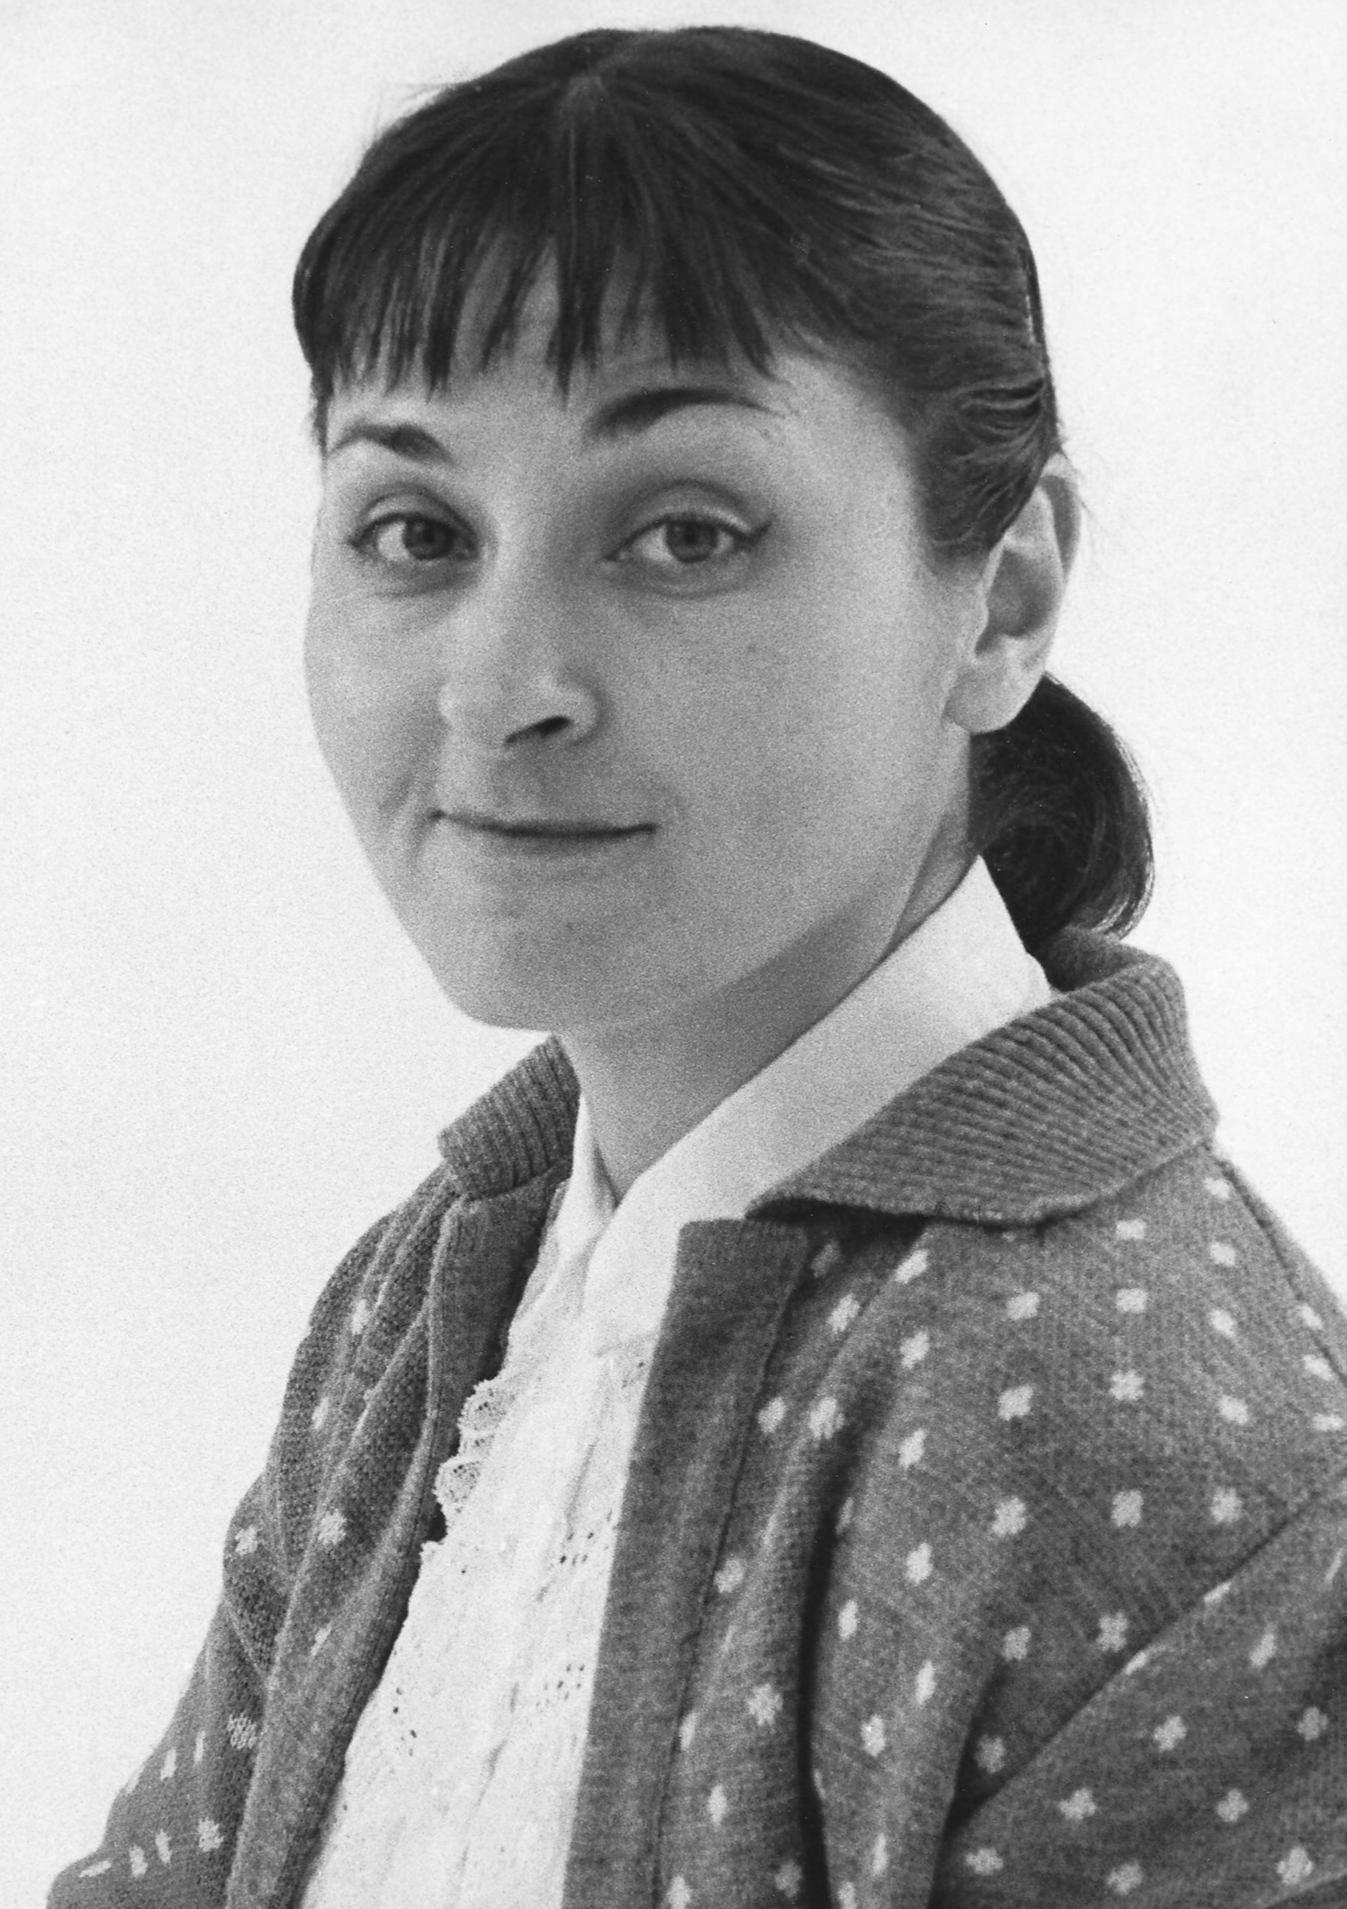 Thelma Blumberg